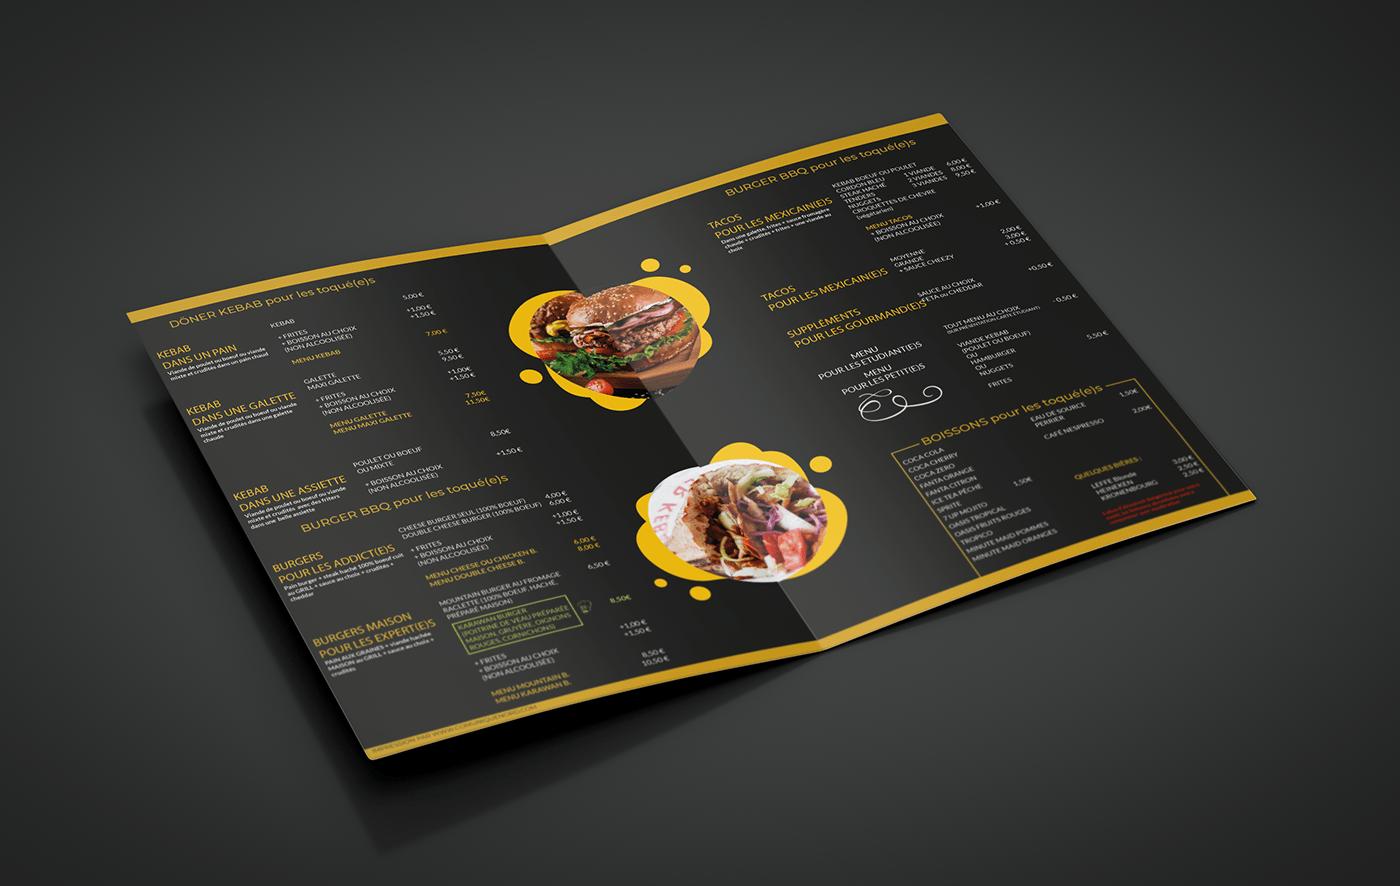 Image may contain: indoor, screenshot and menu